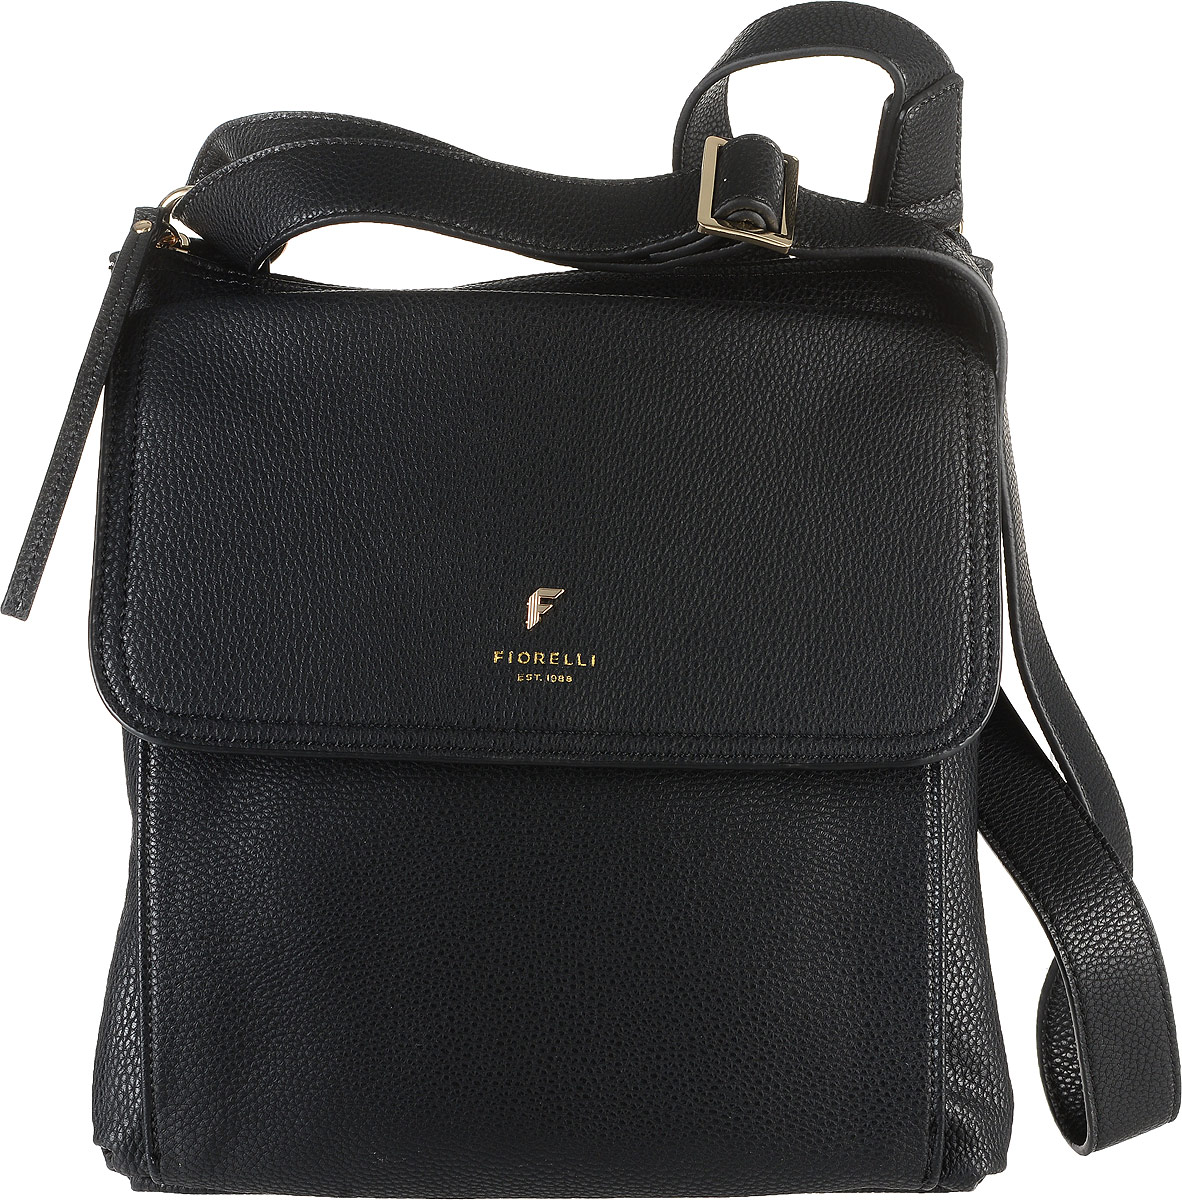 Сумка женская Fiorelli, цвет: черный. 8585 FHEQW-M710DB-1A1Стильная сумка Fiorelli выполнена из высококачественной искусственной кожи зернистой текстуры. Изделие оформлено фирменной надписью и металлической пластинкой с логотипом бренда. На лицевой стороне расположен удобный накладной объемный карман, который закрывается клапаном на магнитную кнопку. Сумка оснащена широким плечевым ремнем, длина которого регулируется с помощью пряжки. Изделие закрывается на застежку-молнию. Внутри расположено главное отделение, которое содержит два открытых накладных кармана для телефона и мелочей и один вшитый карман на молнии.